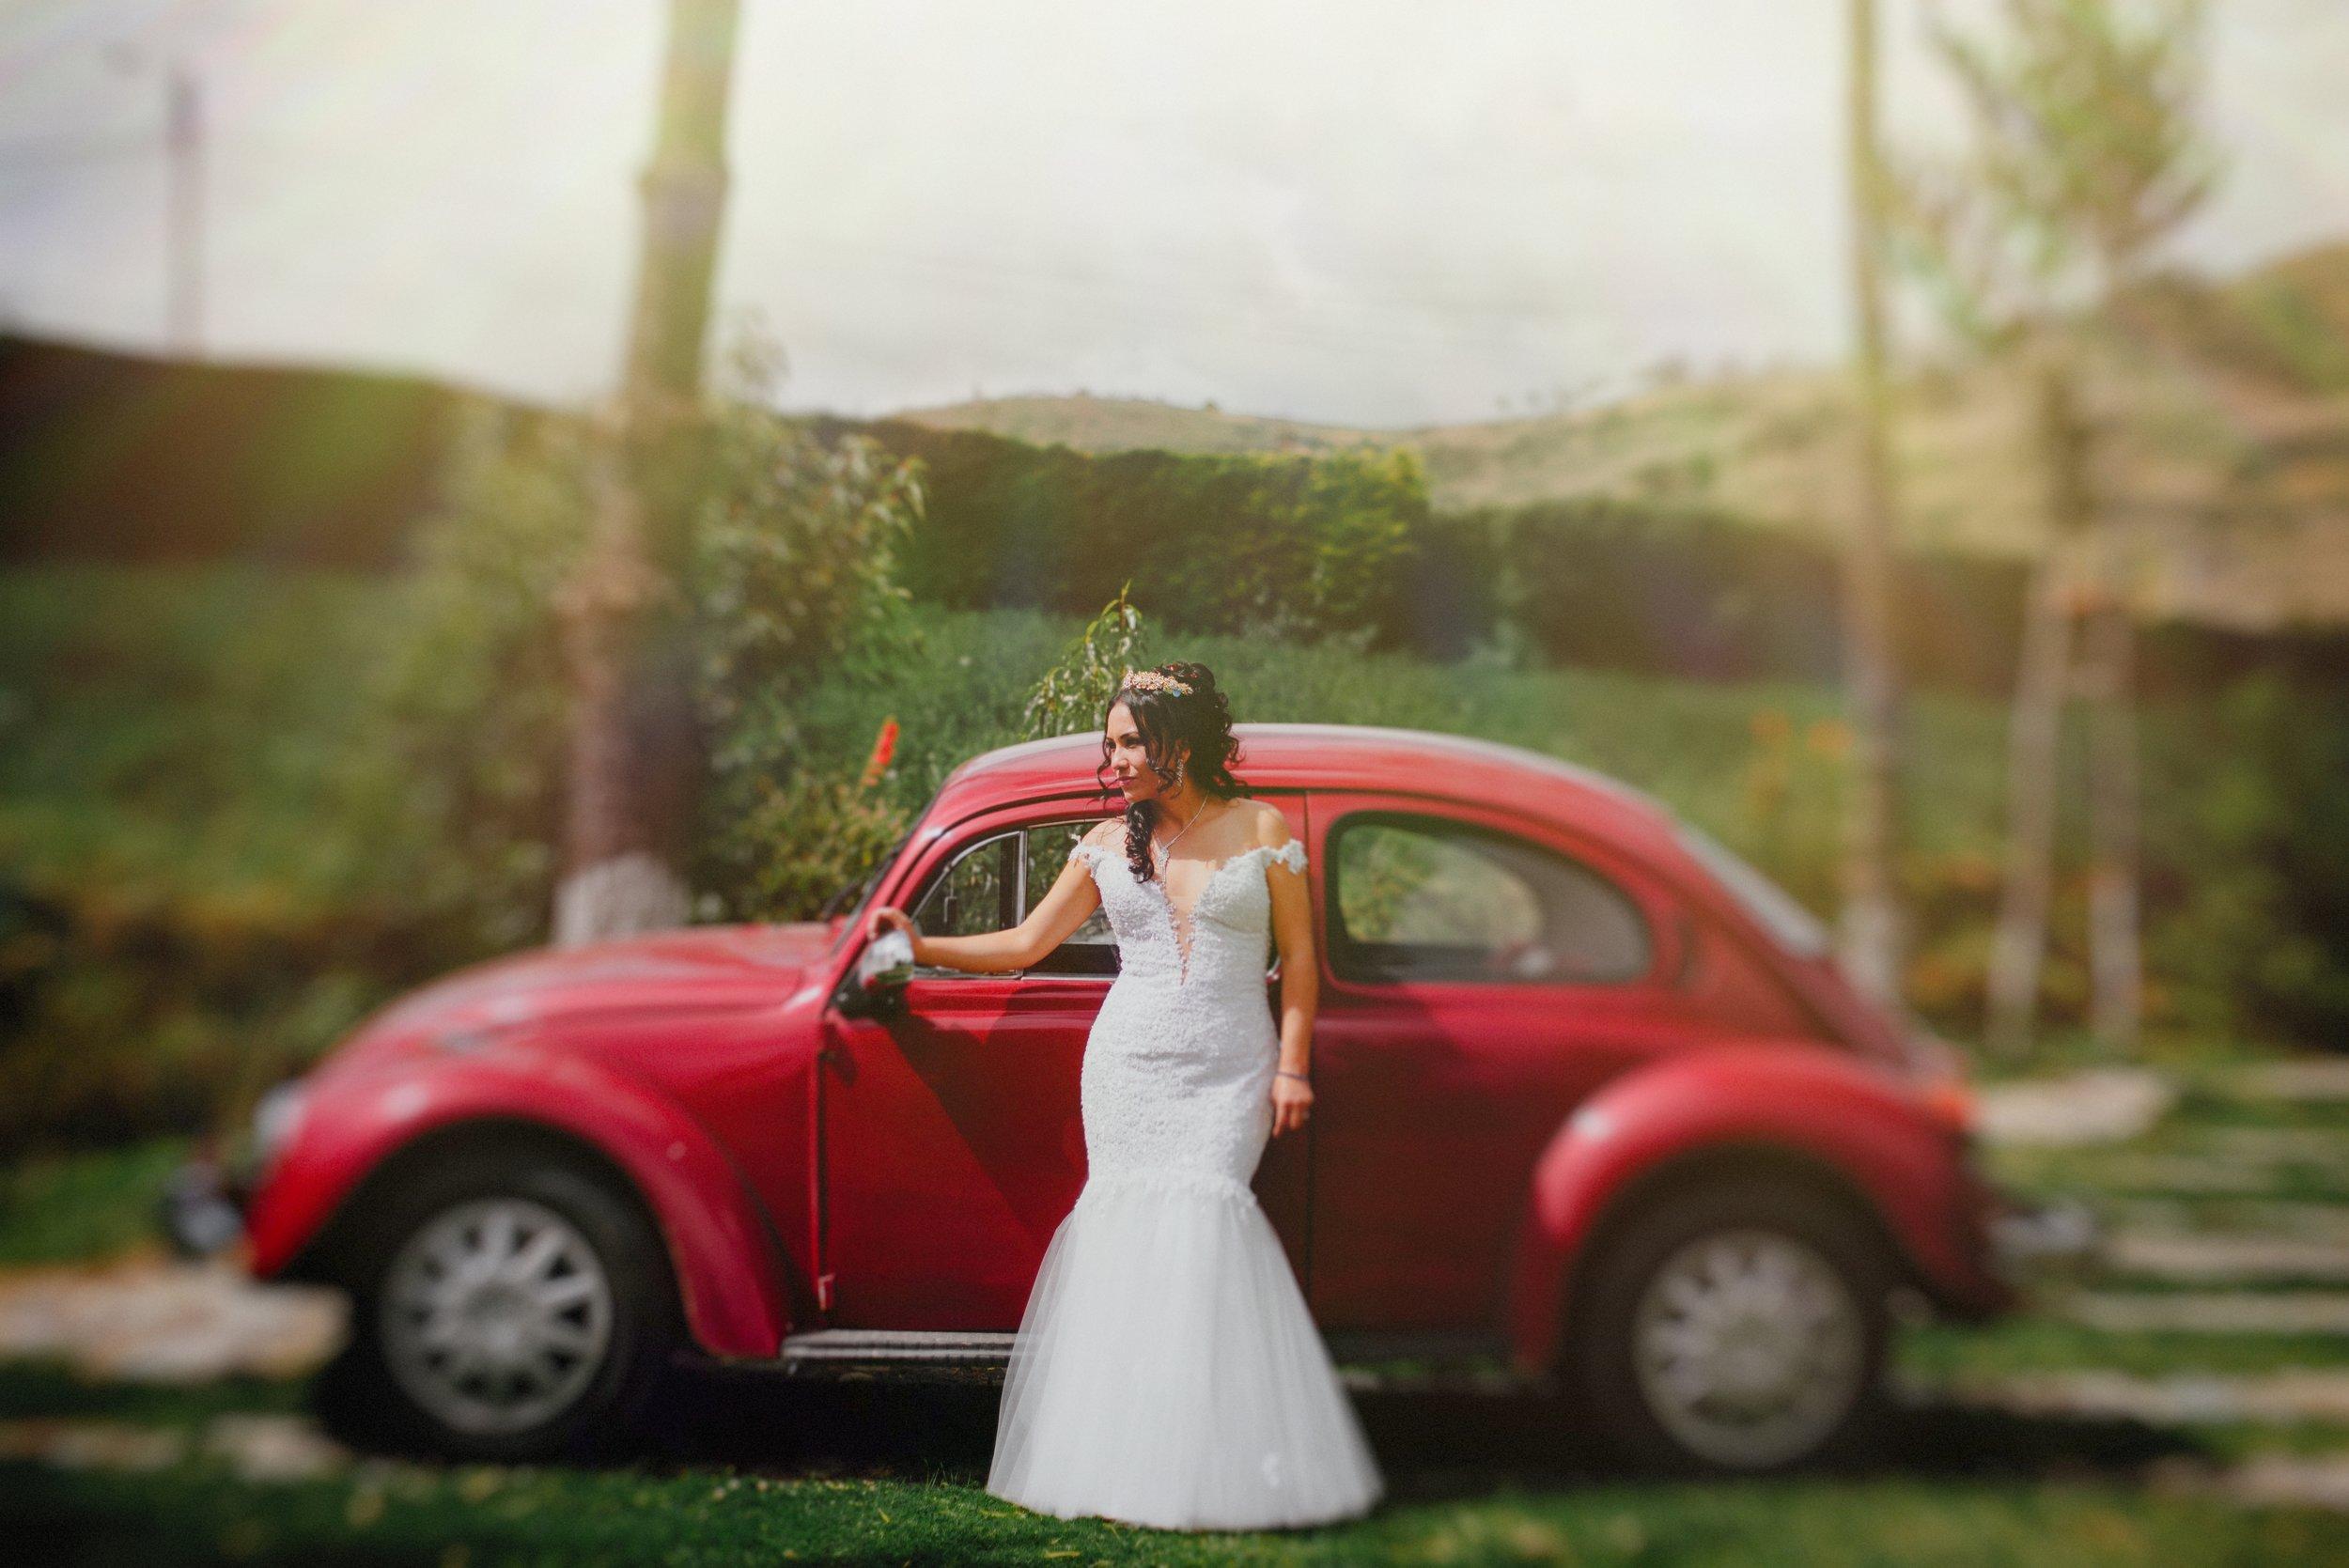 sara - fotografos de boda peru - marzo photography.jpg